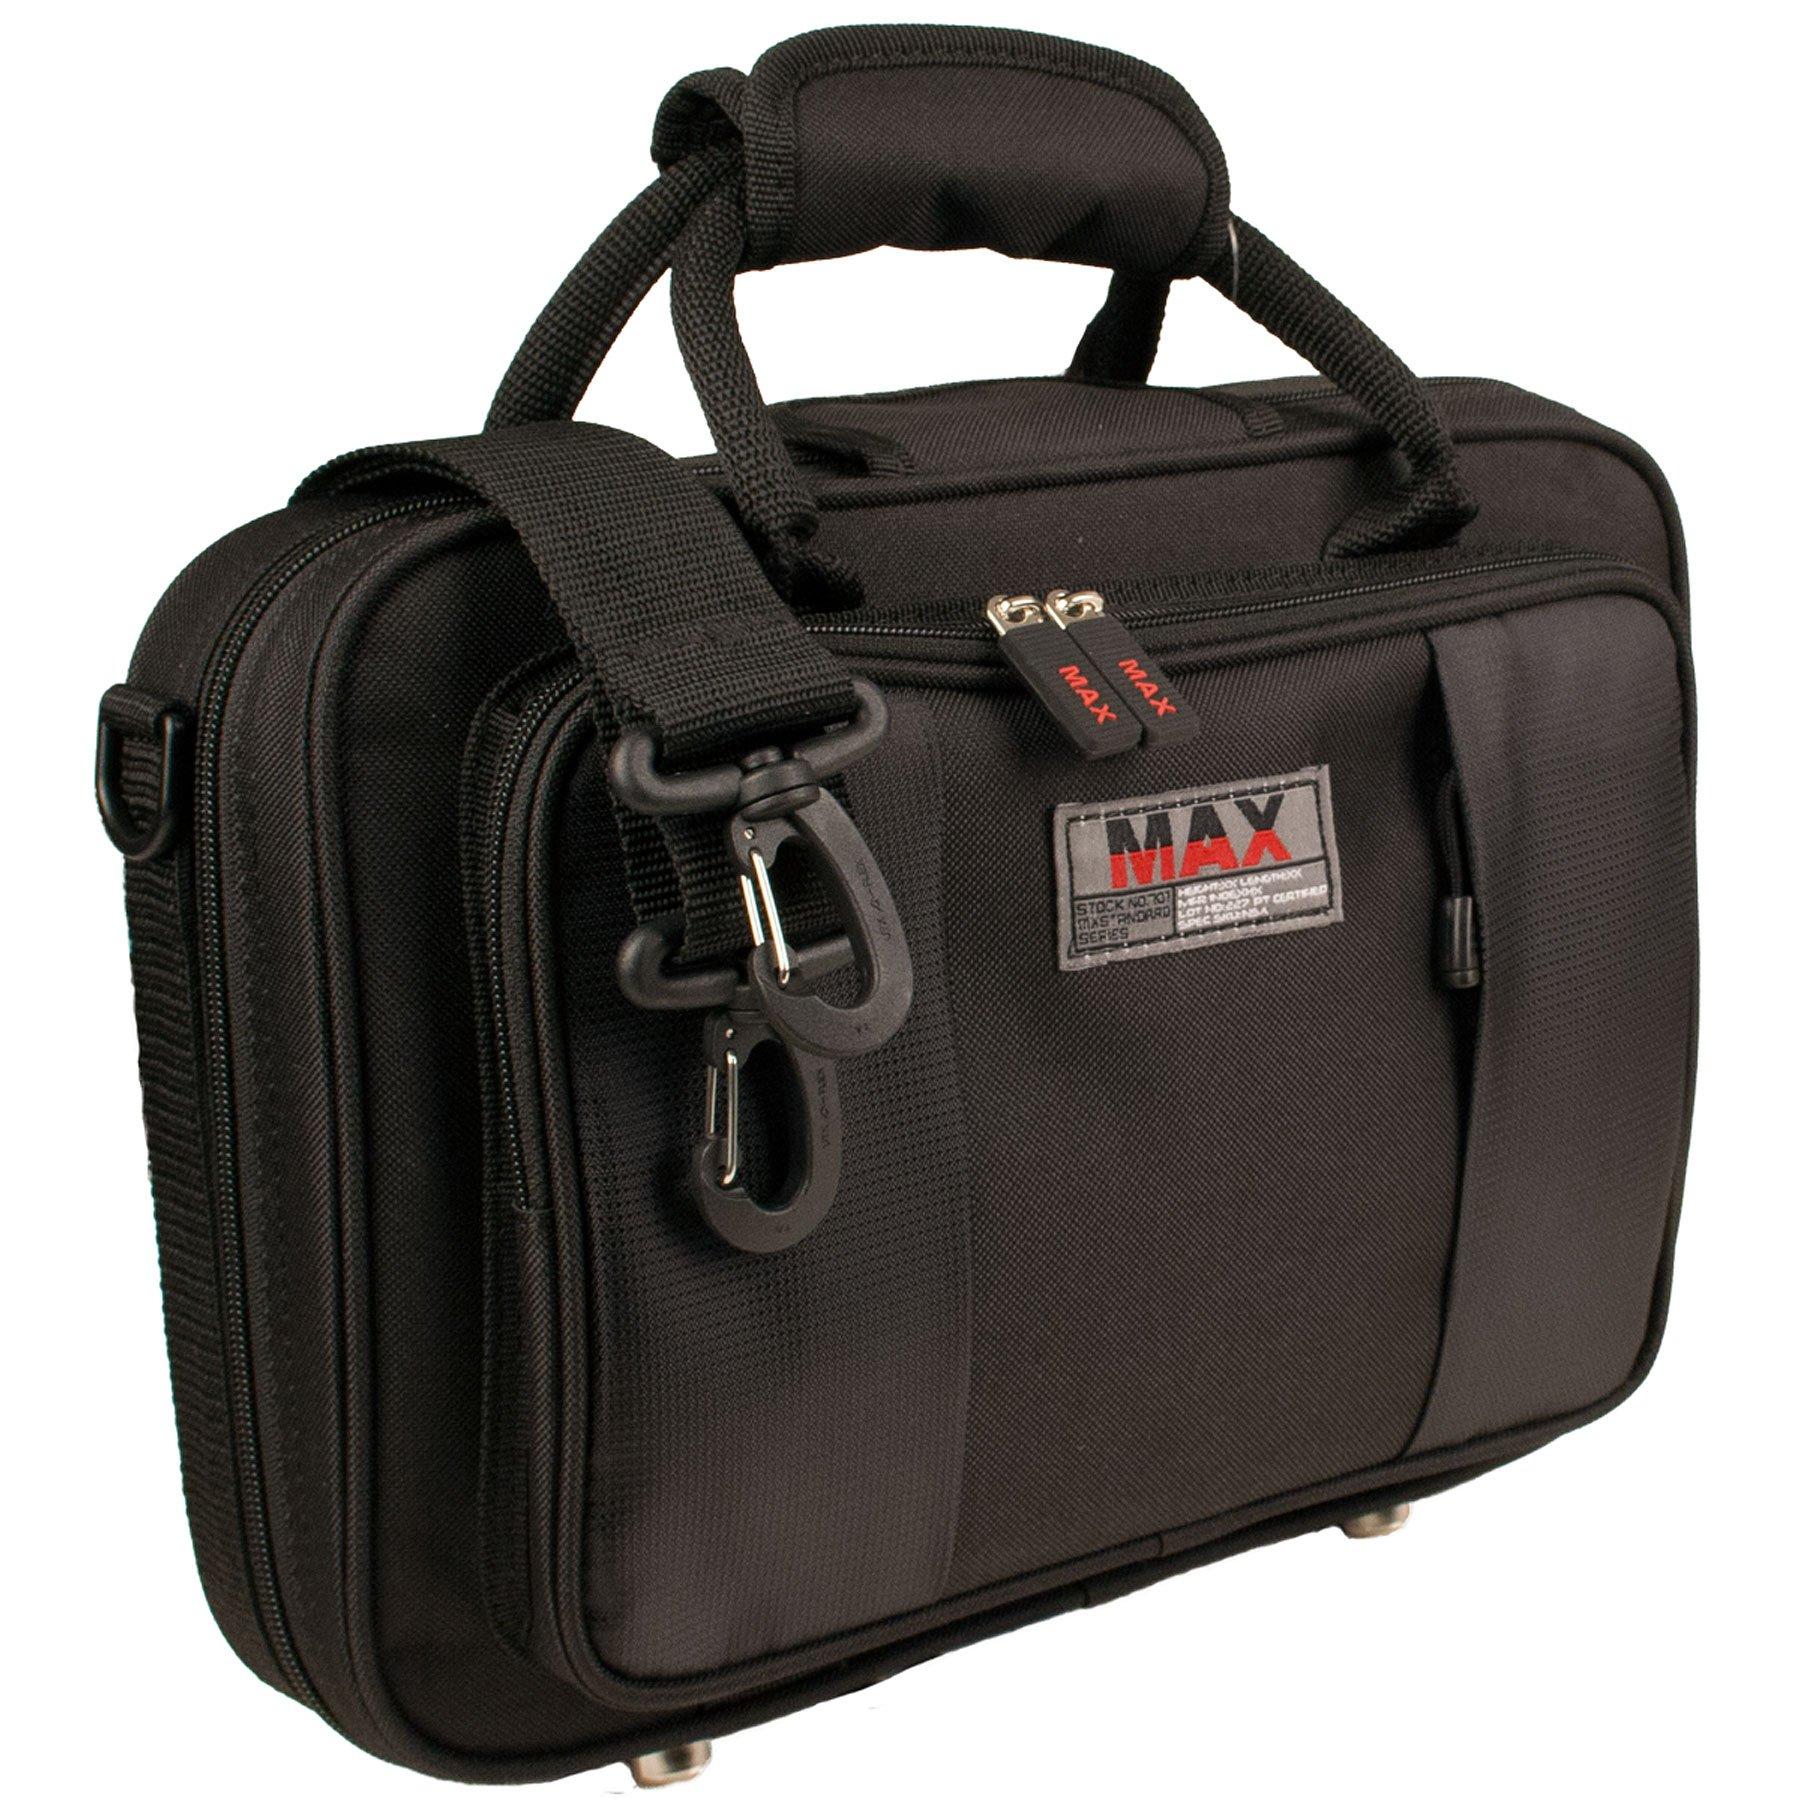 Protec Oboe MAX Case (Black), Model MX315